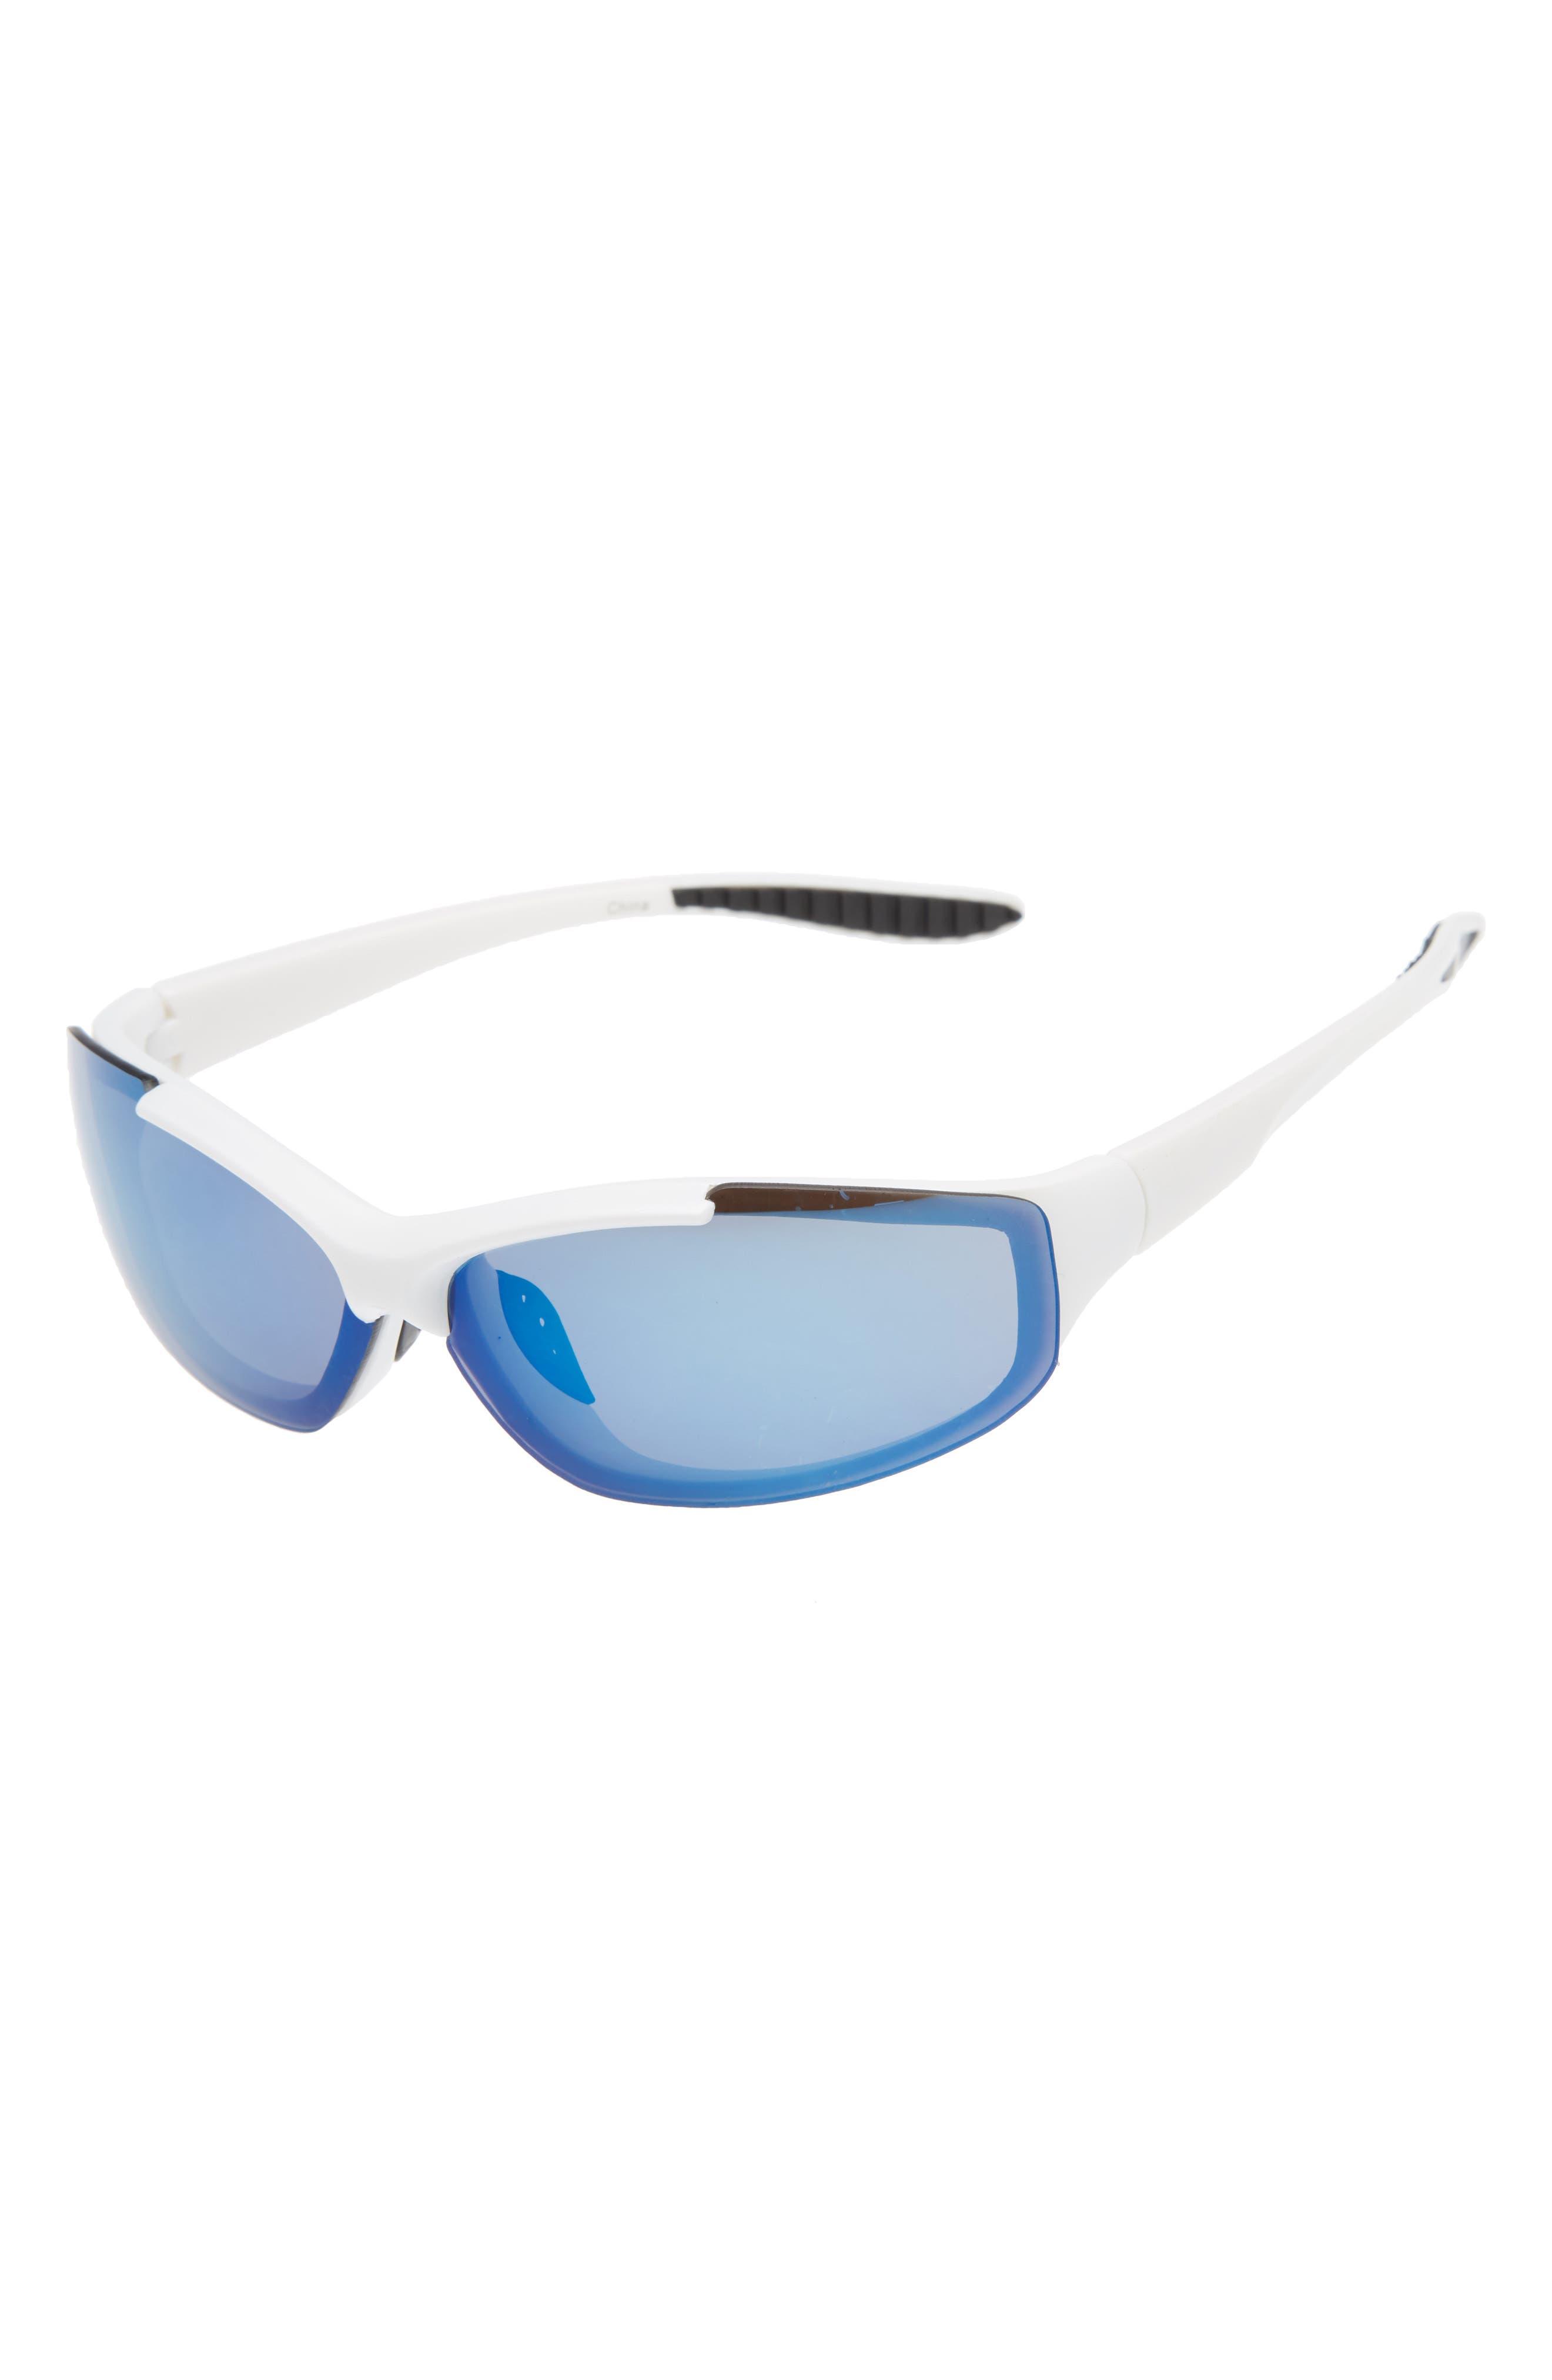 Semi Rimless Sunglasses,                             Main thumbnail 1, color,                             Black/ White